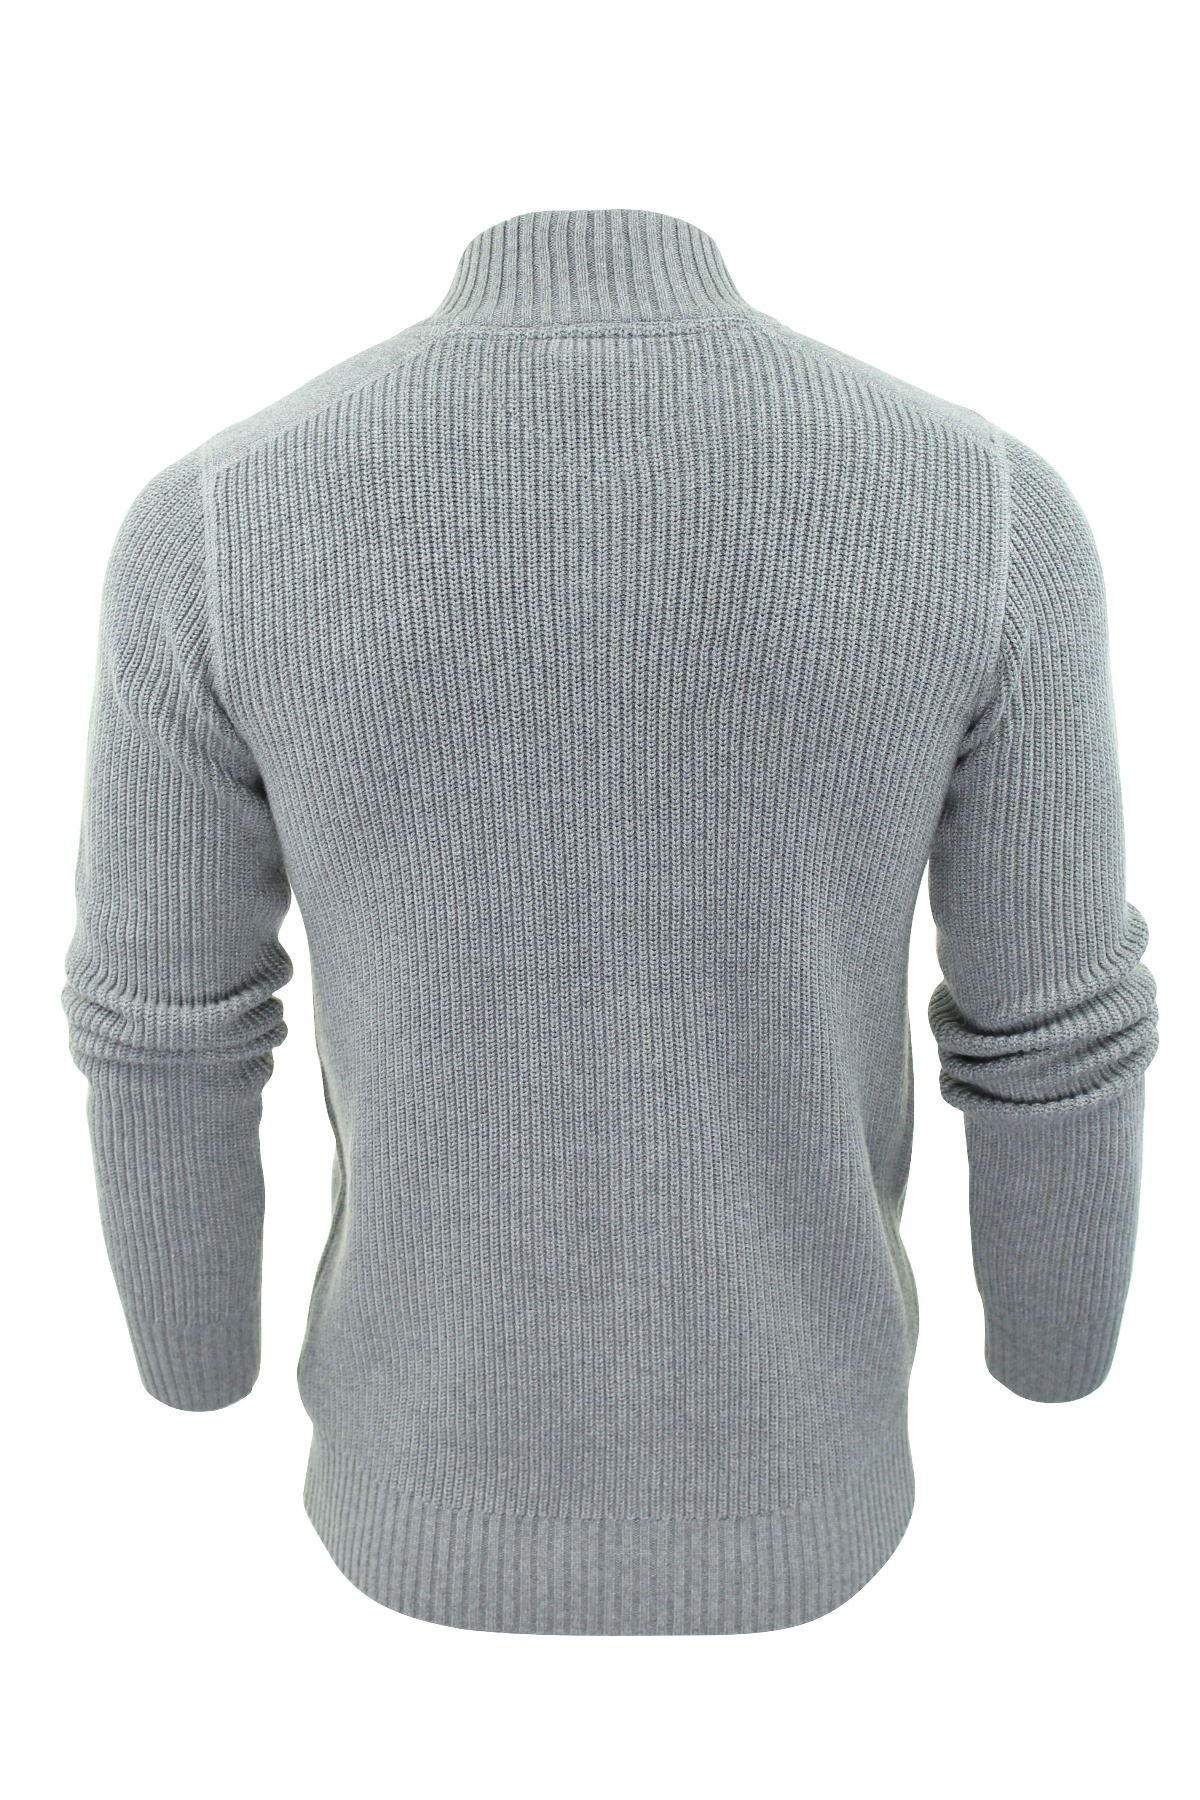 Mens jumper Zip Up Cardigan by Threadbare 'Visage' Cotton Knit ...